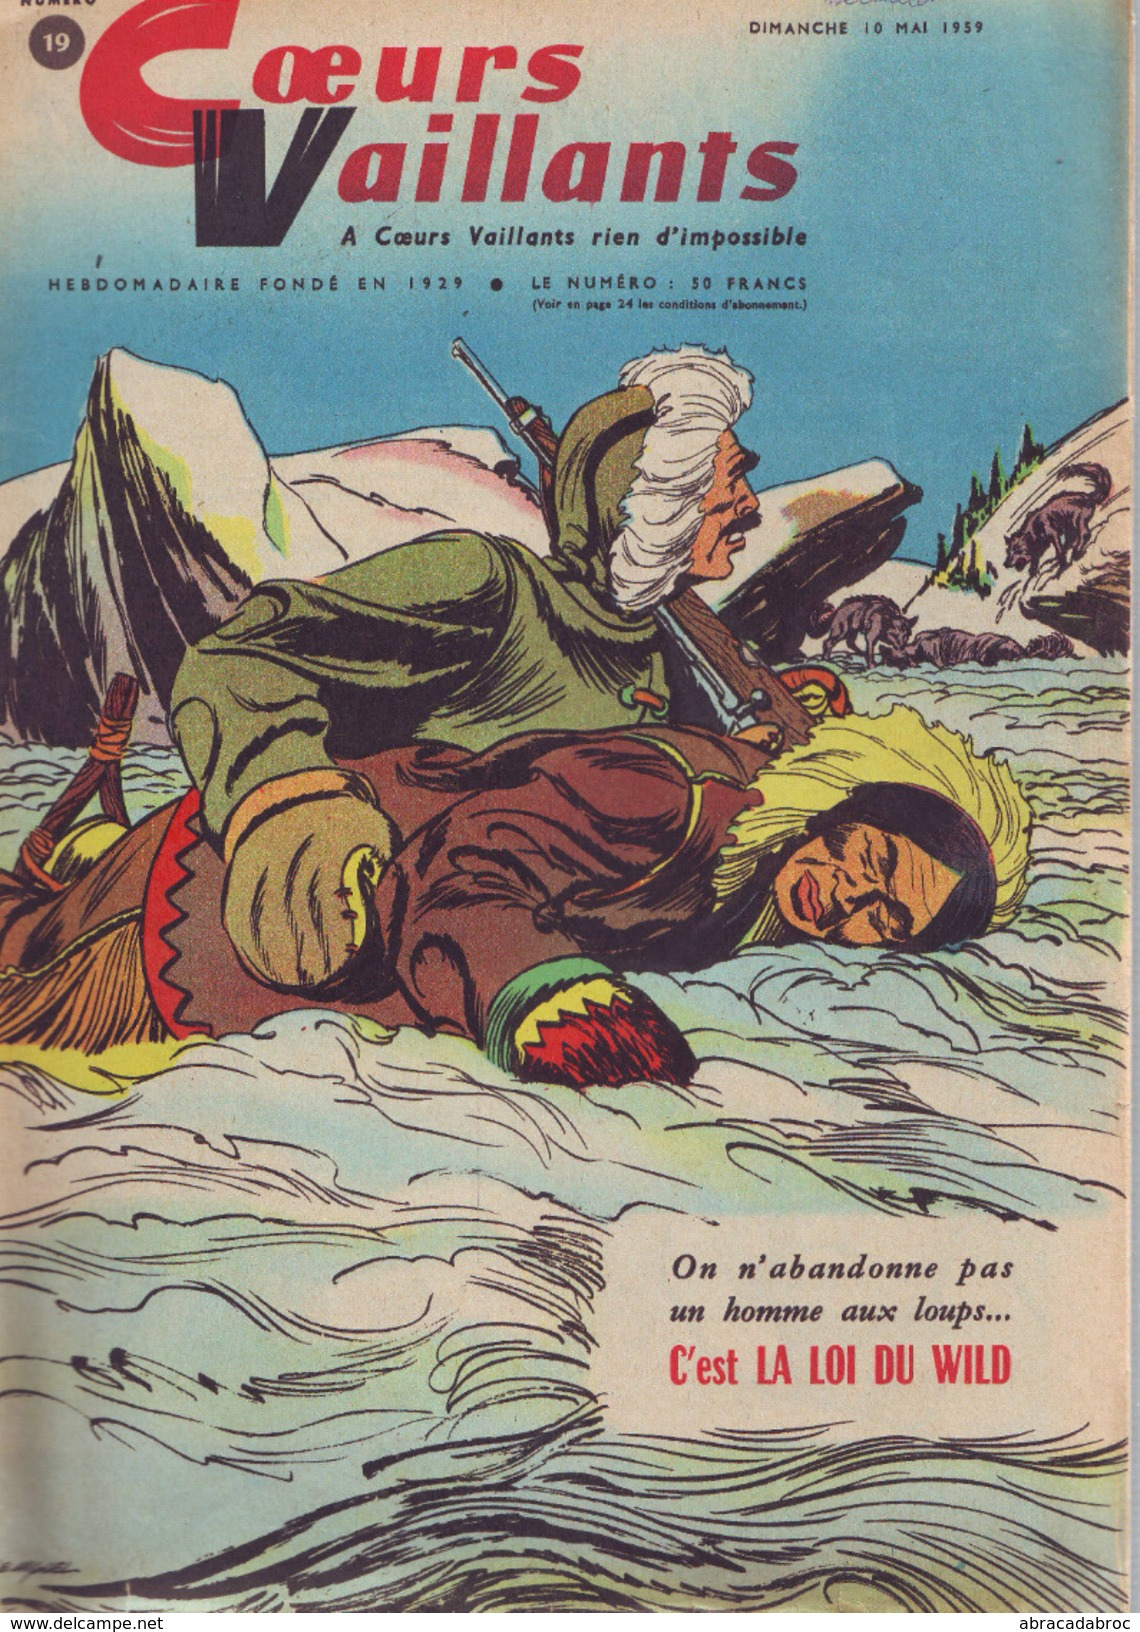 Coeurs Vaillants -10/05/1959 - Bon Etat Complet - Magazines Et Périodiques